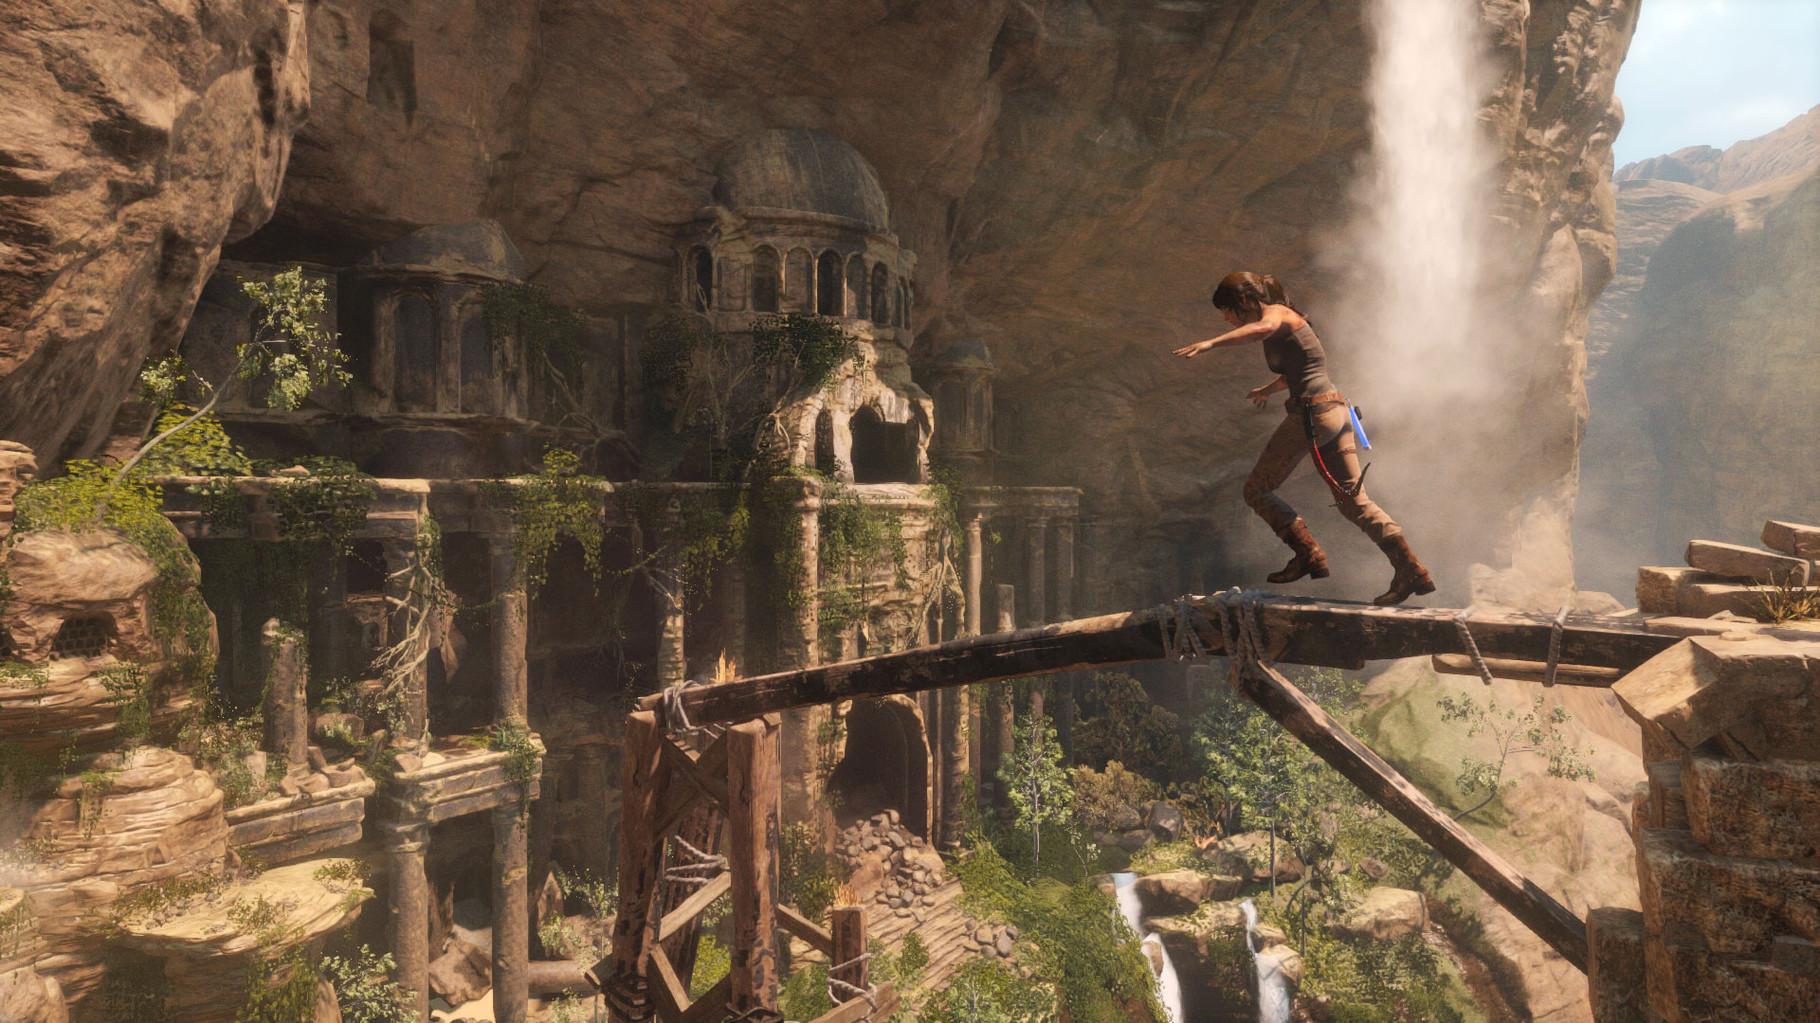 Rise of the Tomb Raider: Die junge Lady Croft besteigt einen sturmgepeitschten, vereisten Gipfel und erforscht zyklopische, subterrante Ruinen. Sieht so als, als würde die Serie hier wieder ihrem Namen gerecht werden.